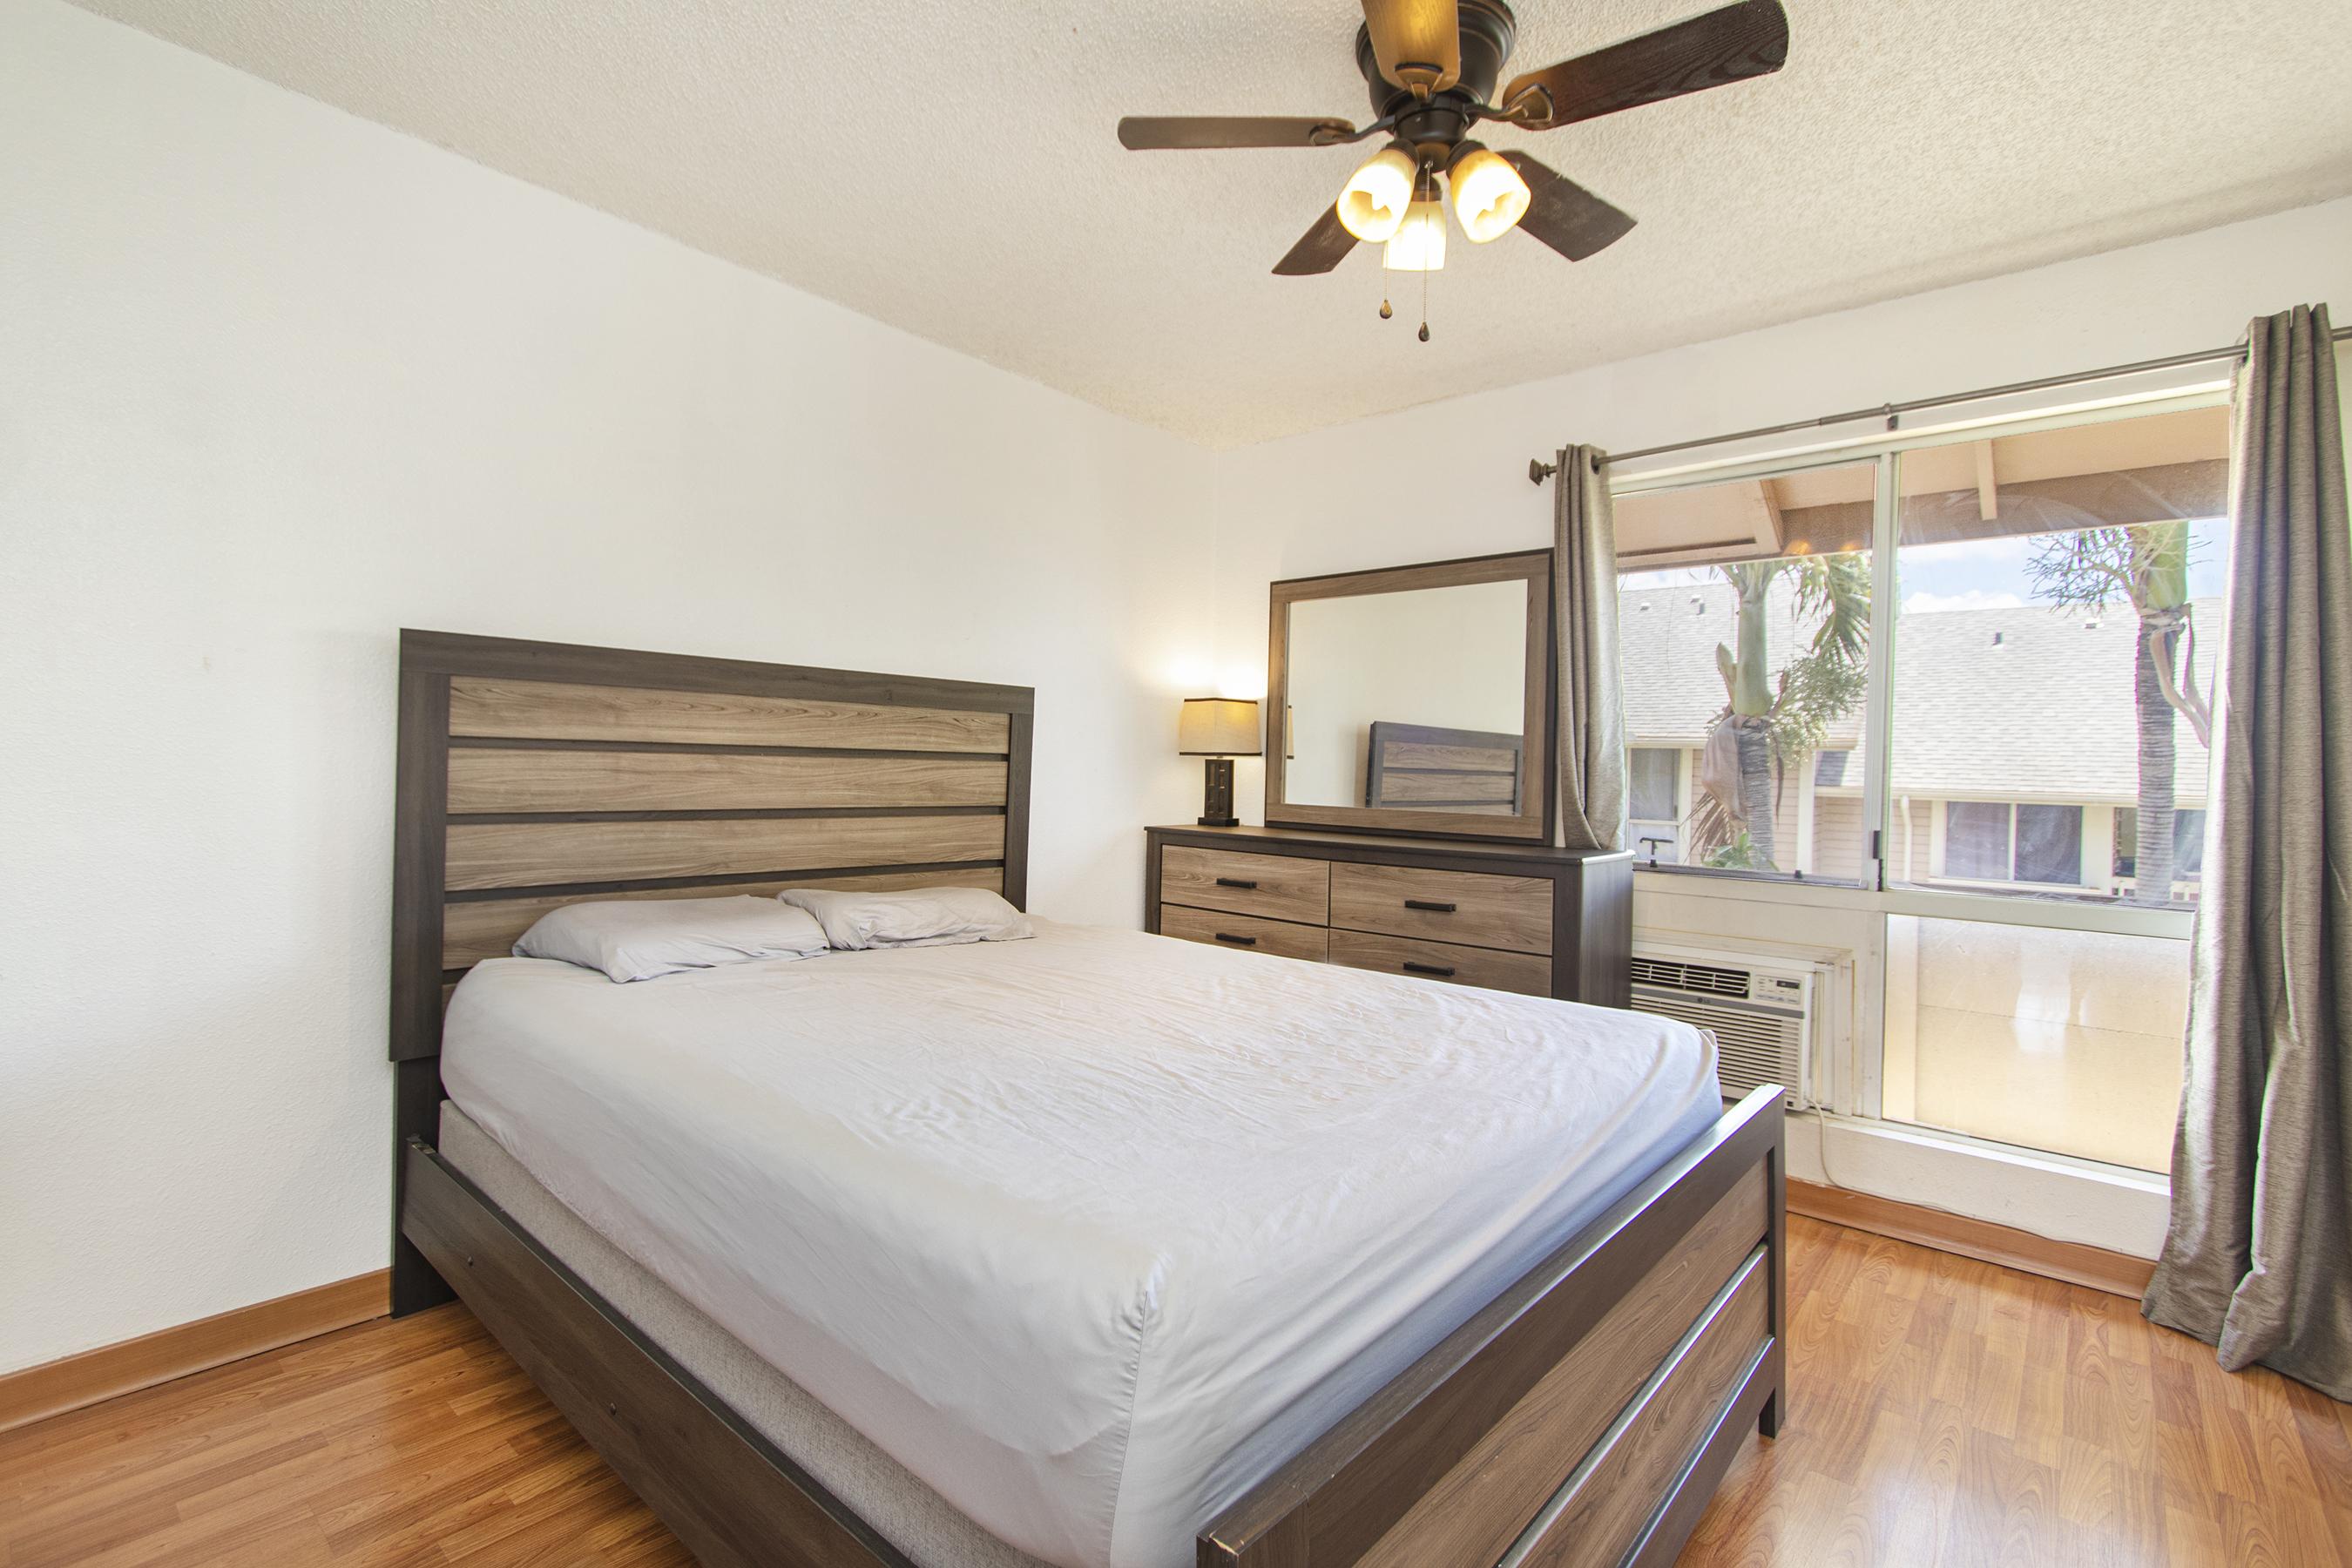 Master bedroom at 94-517 Lumiaina Street Unit K205